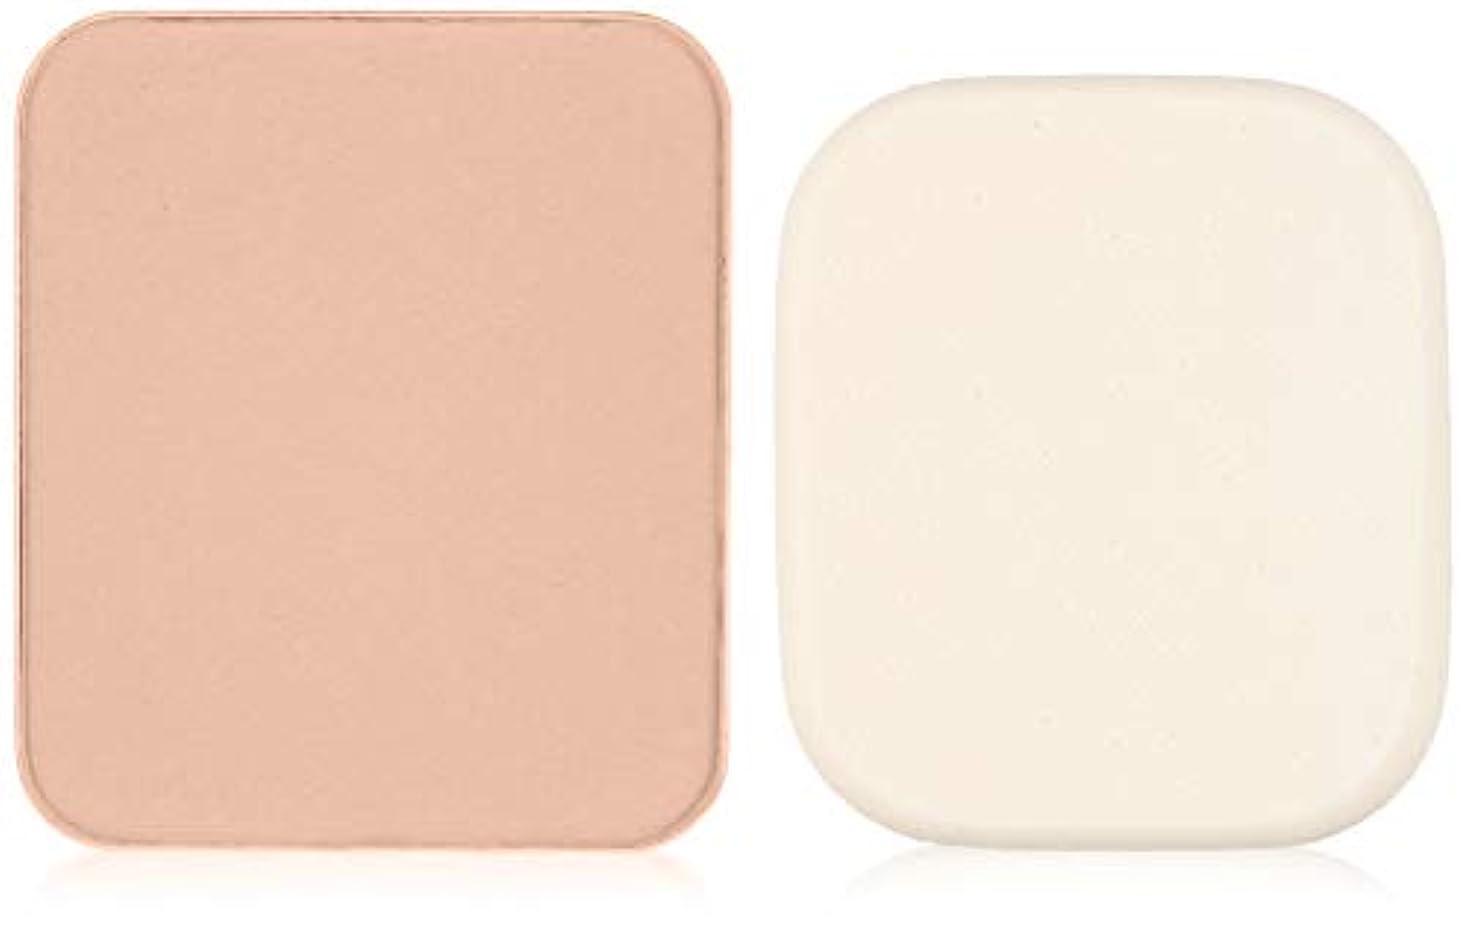 輝度発疹涙to/one(トーン) デューイ モイスト パウダリーファンデーション 全6色 102 標準的な肌色の方向けのピンクオークル 102 S 11g